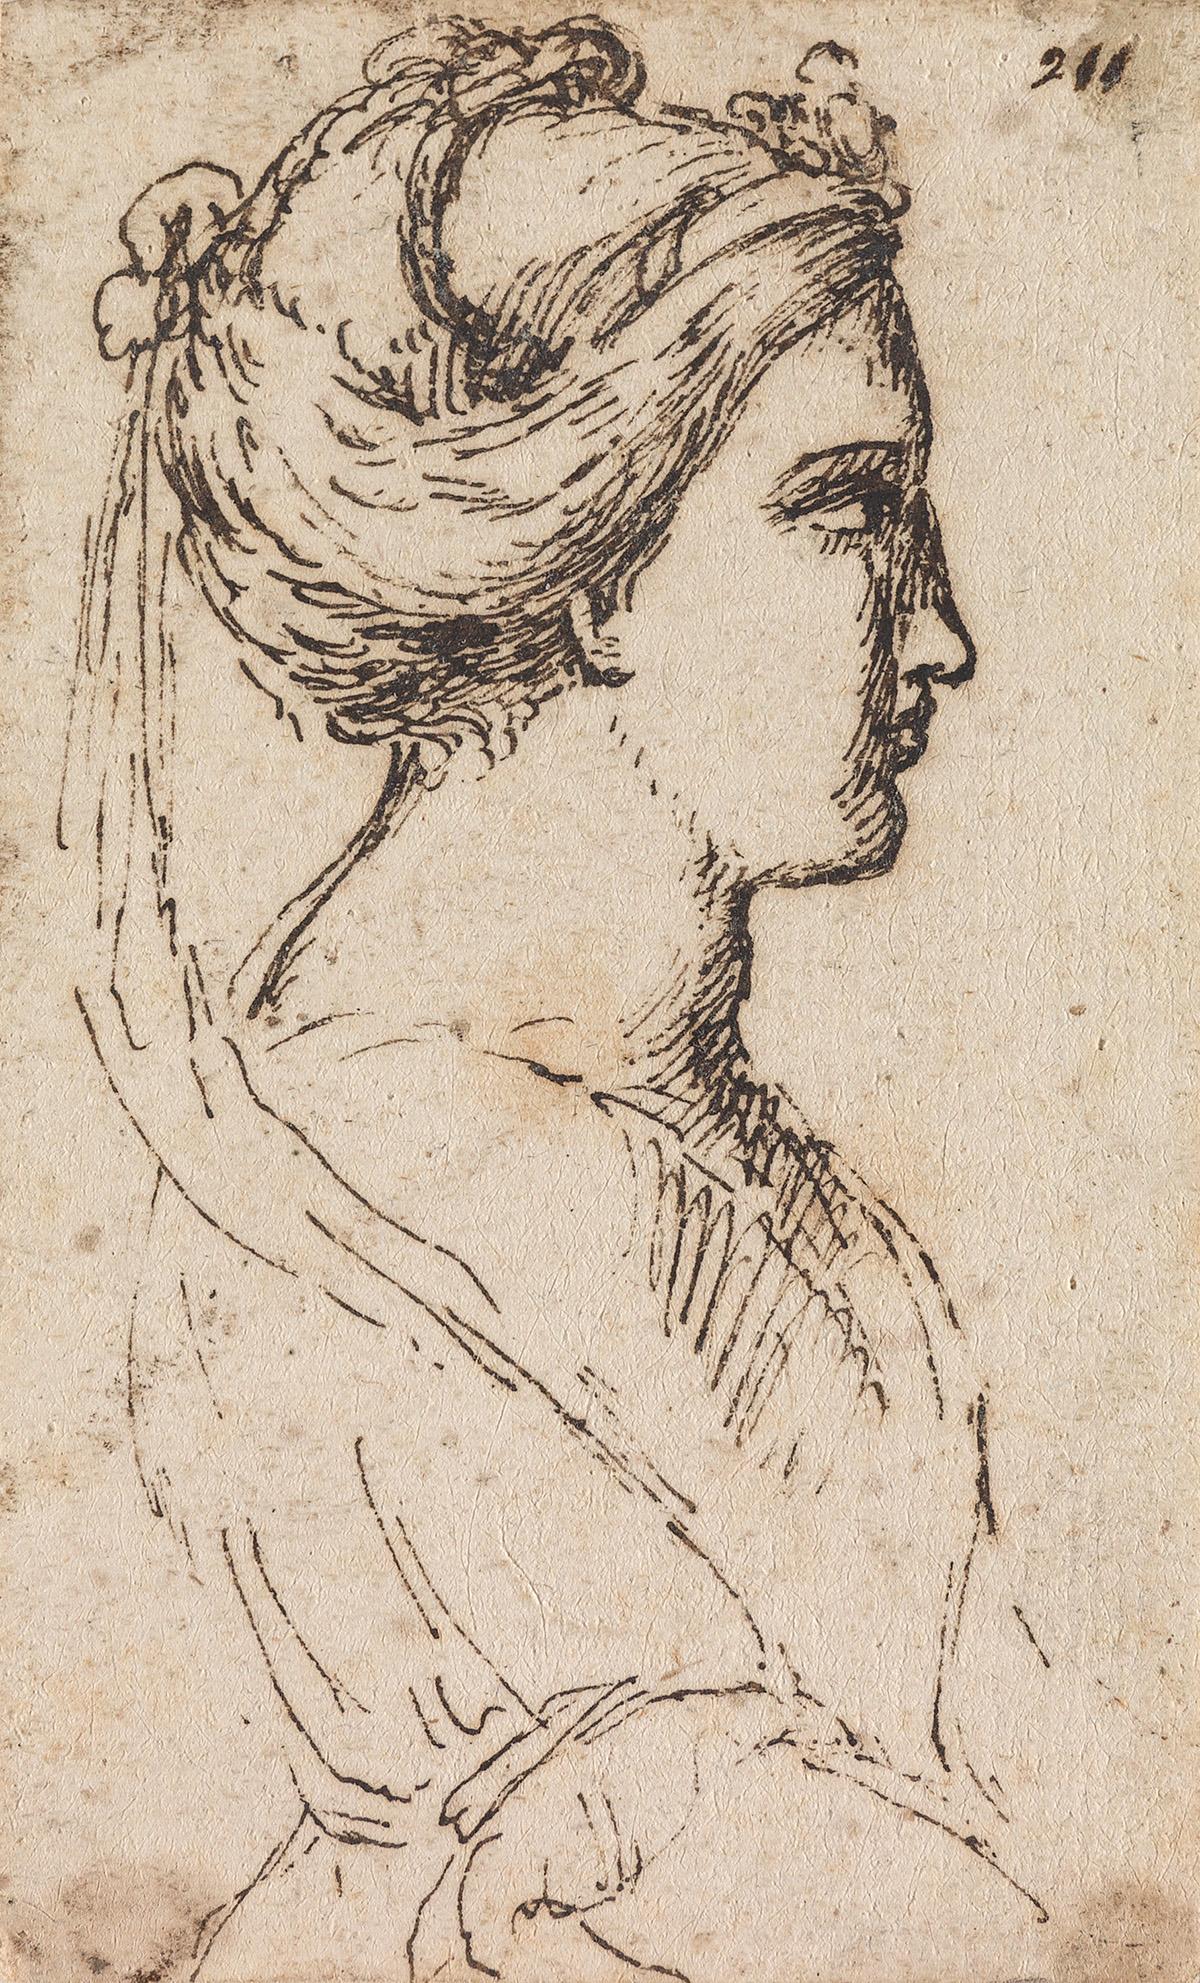 AGOSTINO CARRACCI (CIRCLE OF) (Bologna 1557-1602 Parma) A Woman in Profile.